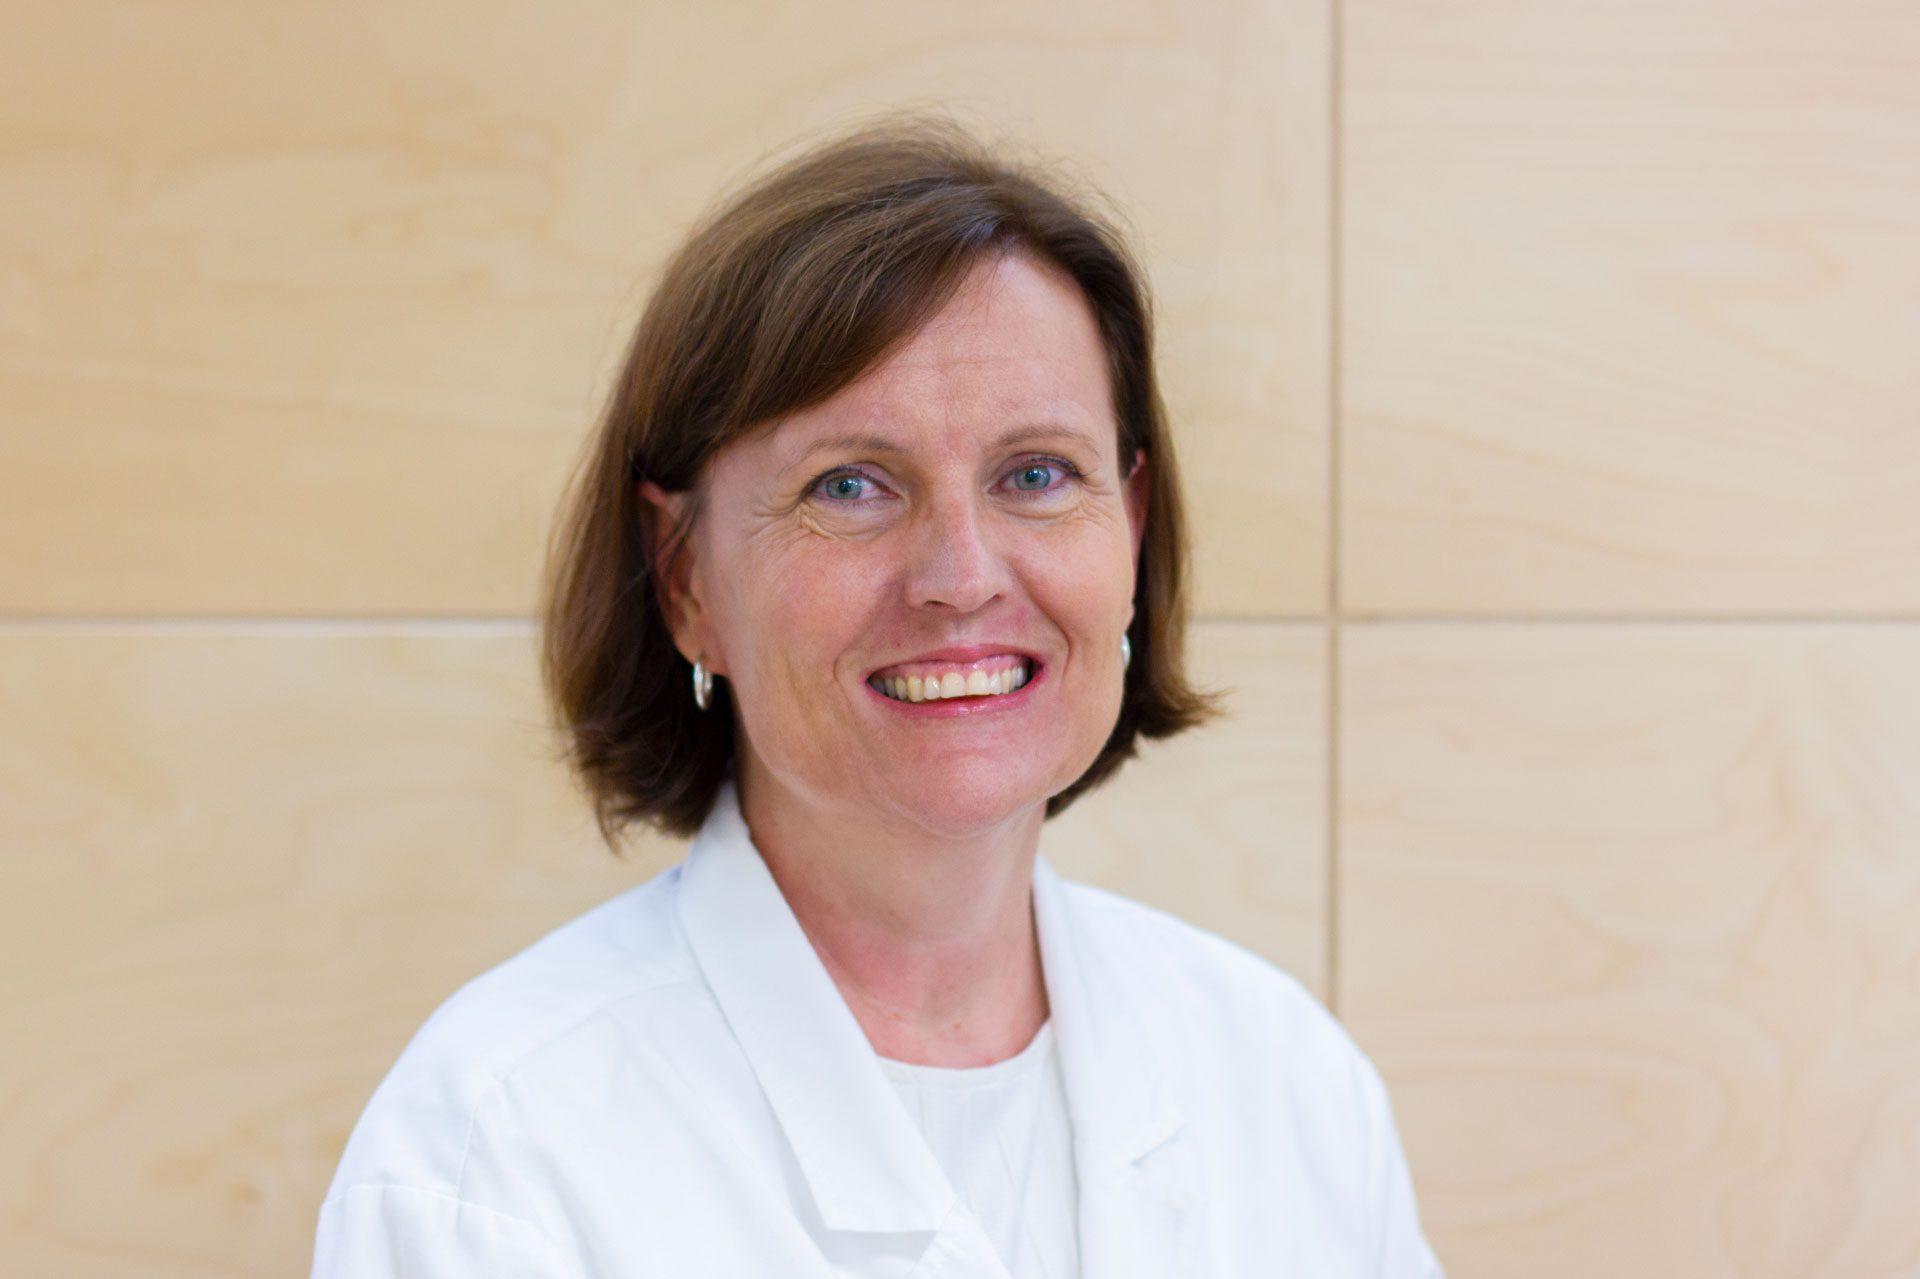 Keuhkosairauksien ja allergologian erikoislääkäri Paula Pallasaho